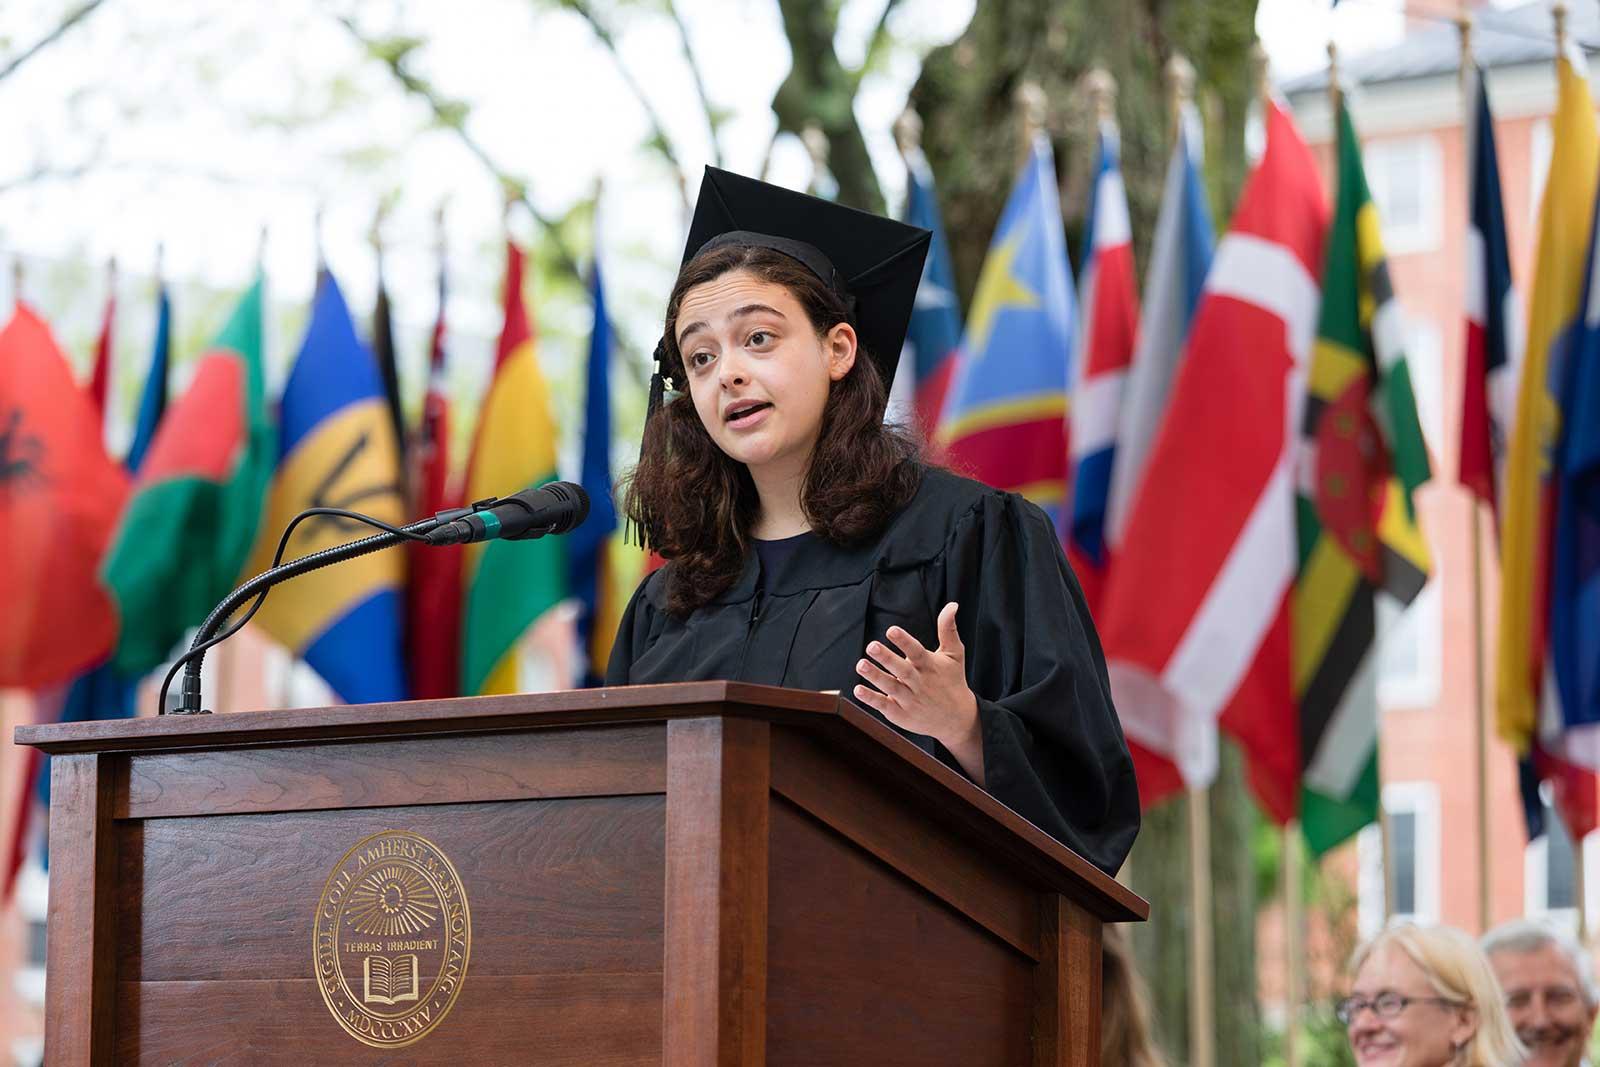 Senior speaker Noor Qasim '18